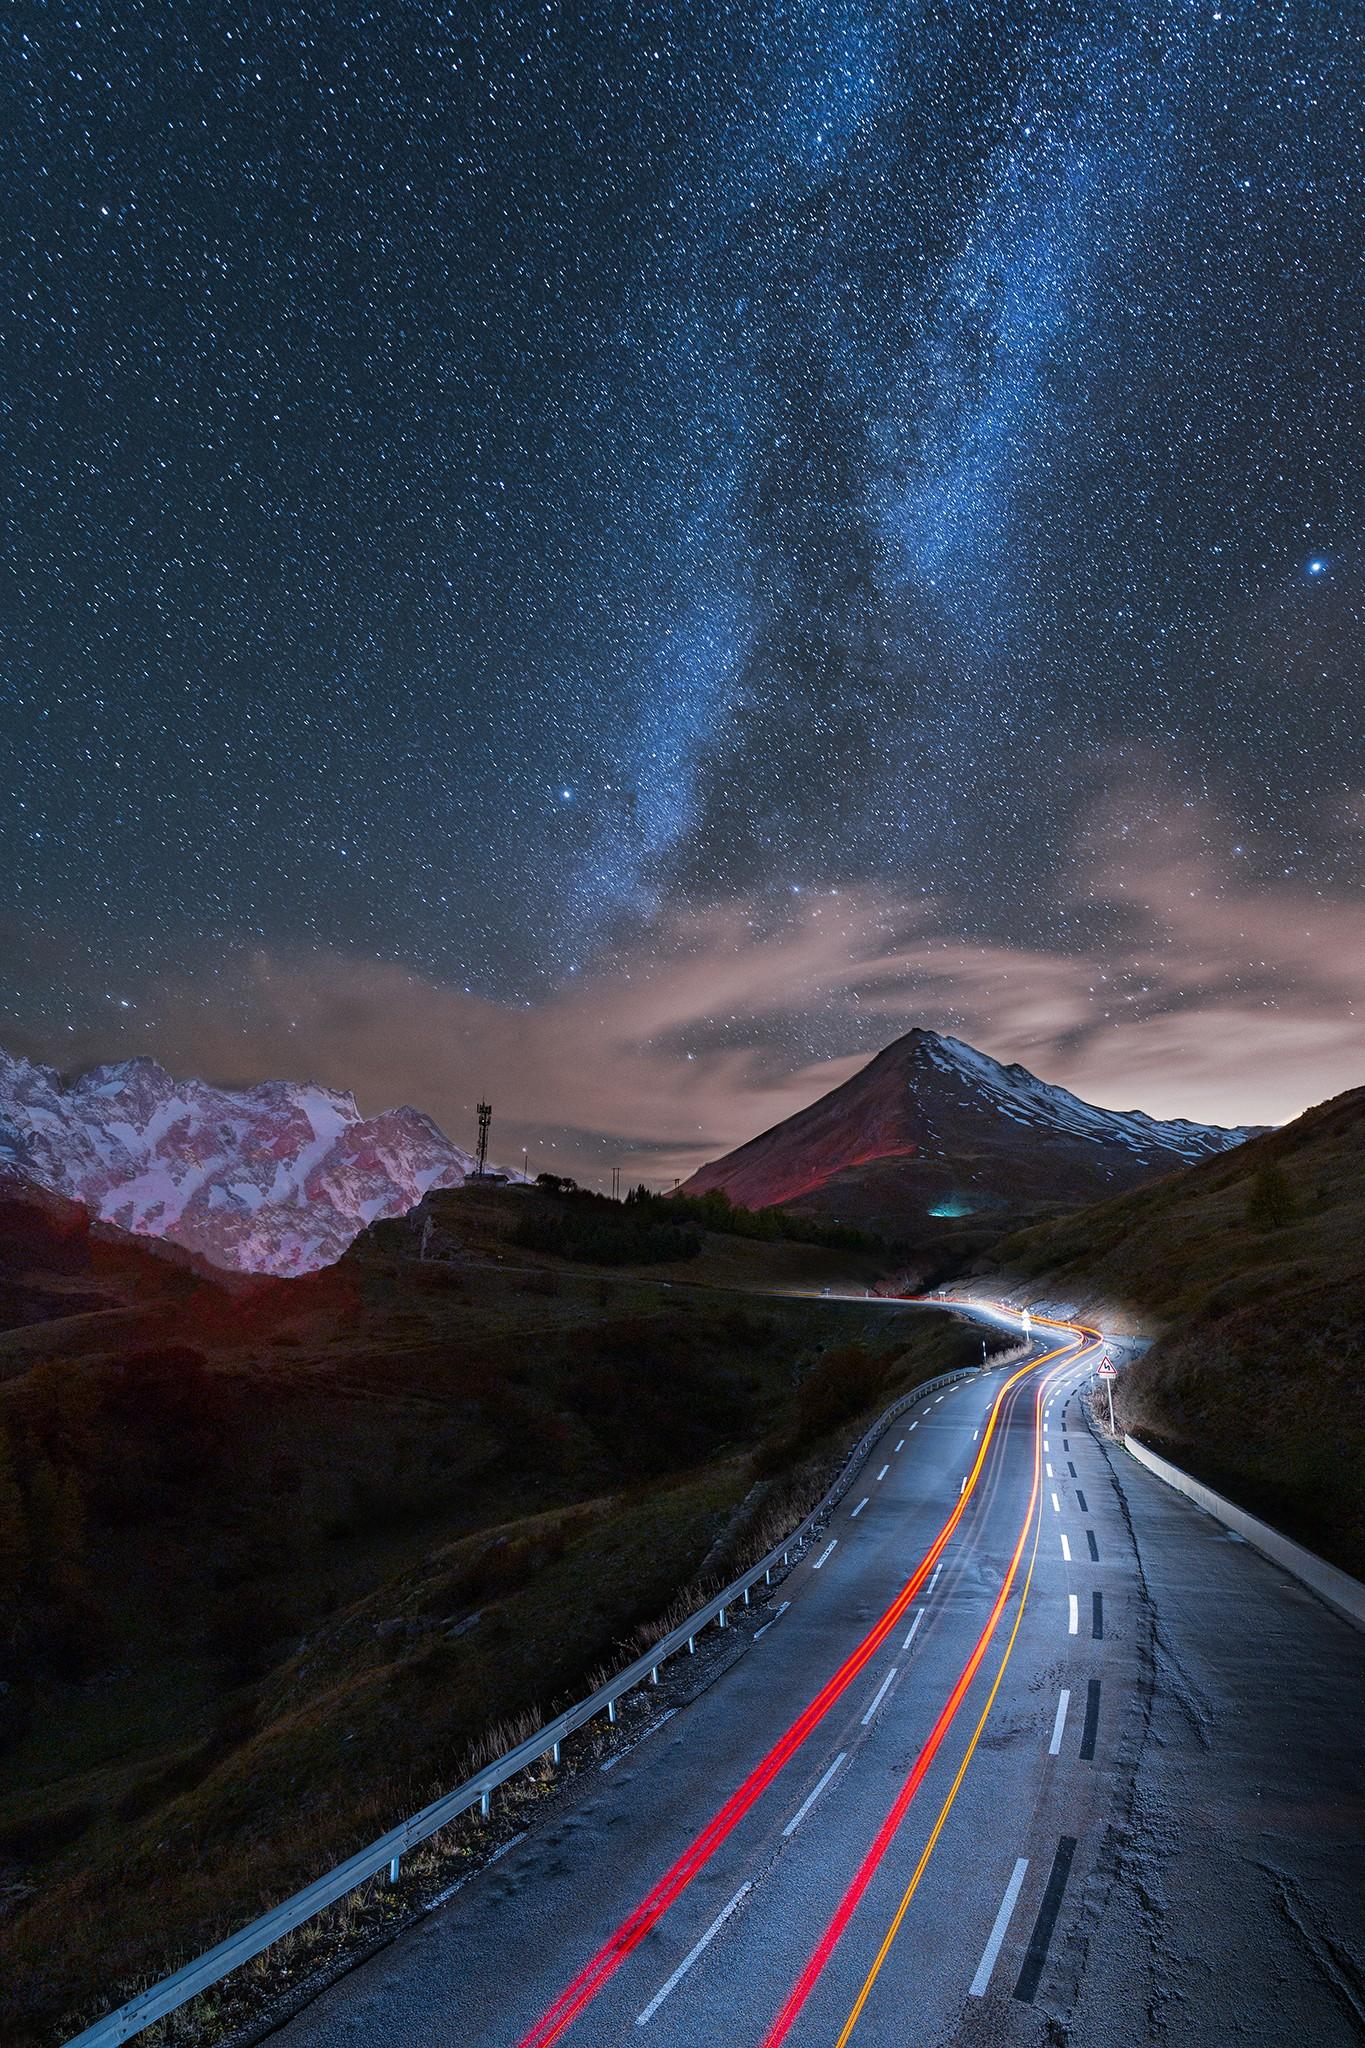 Voie lactée et lighttrail au col du Lautaret | Hautes-Alpes